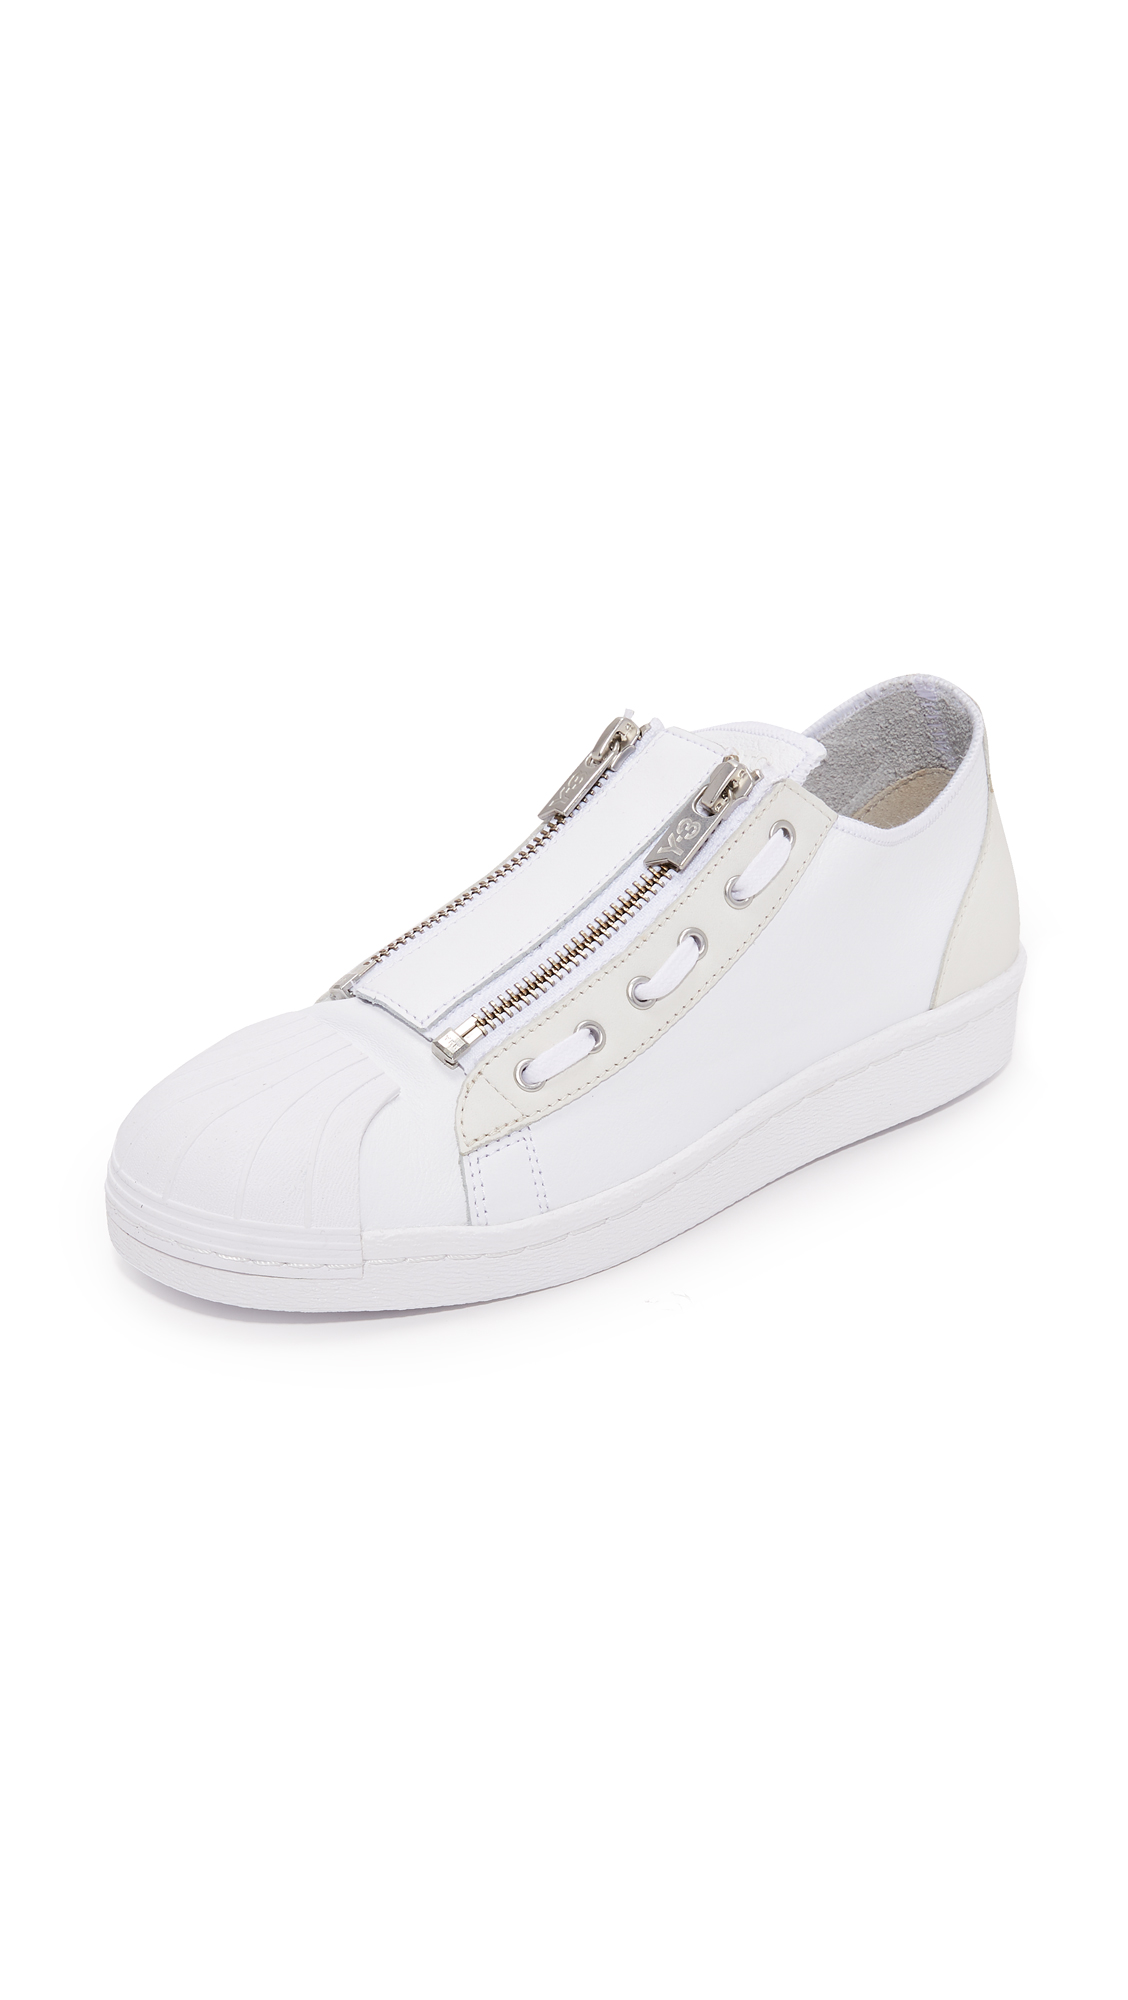 Y-3 Y-3 Super Zip Sneakers - White/Sheet Grey